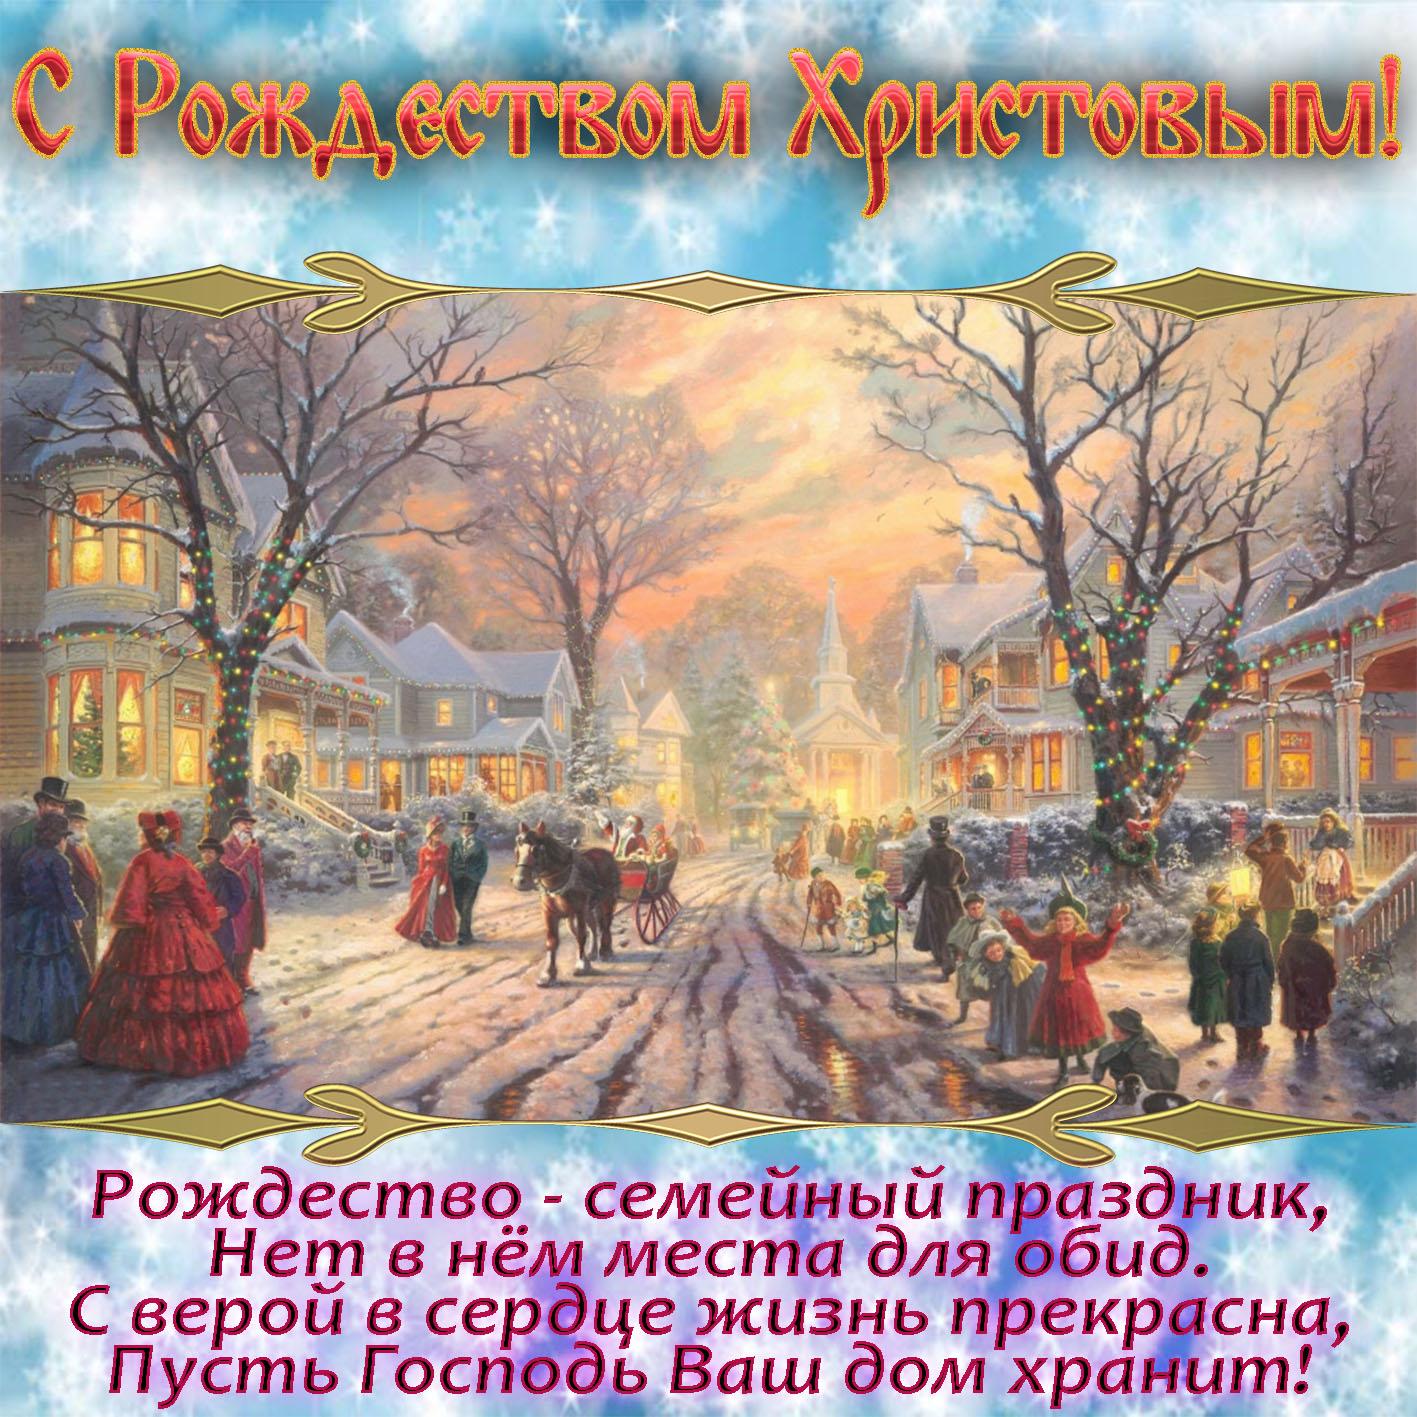 https://bonnycards.ru/images/rozhdestvo/rozhdestvo0022.jpg